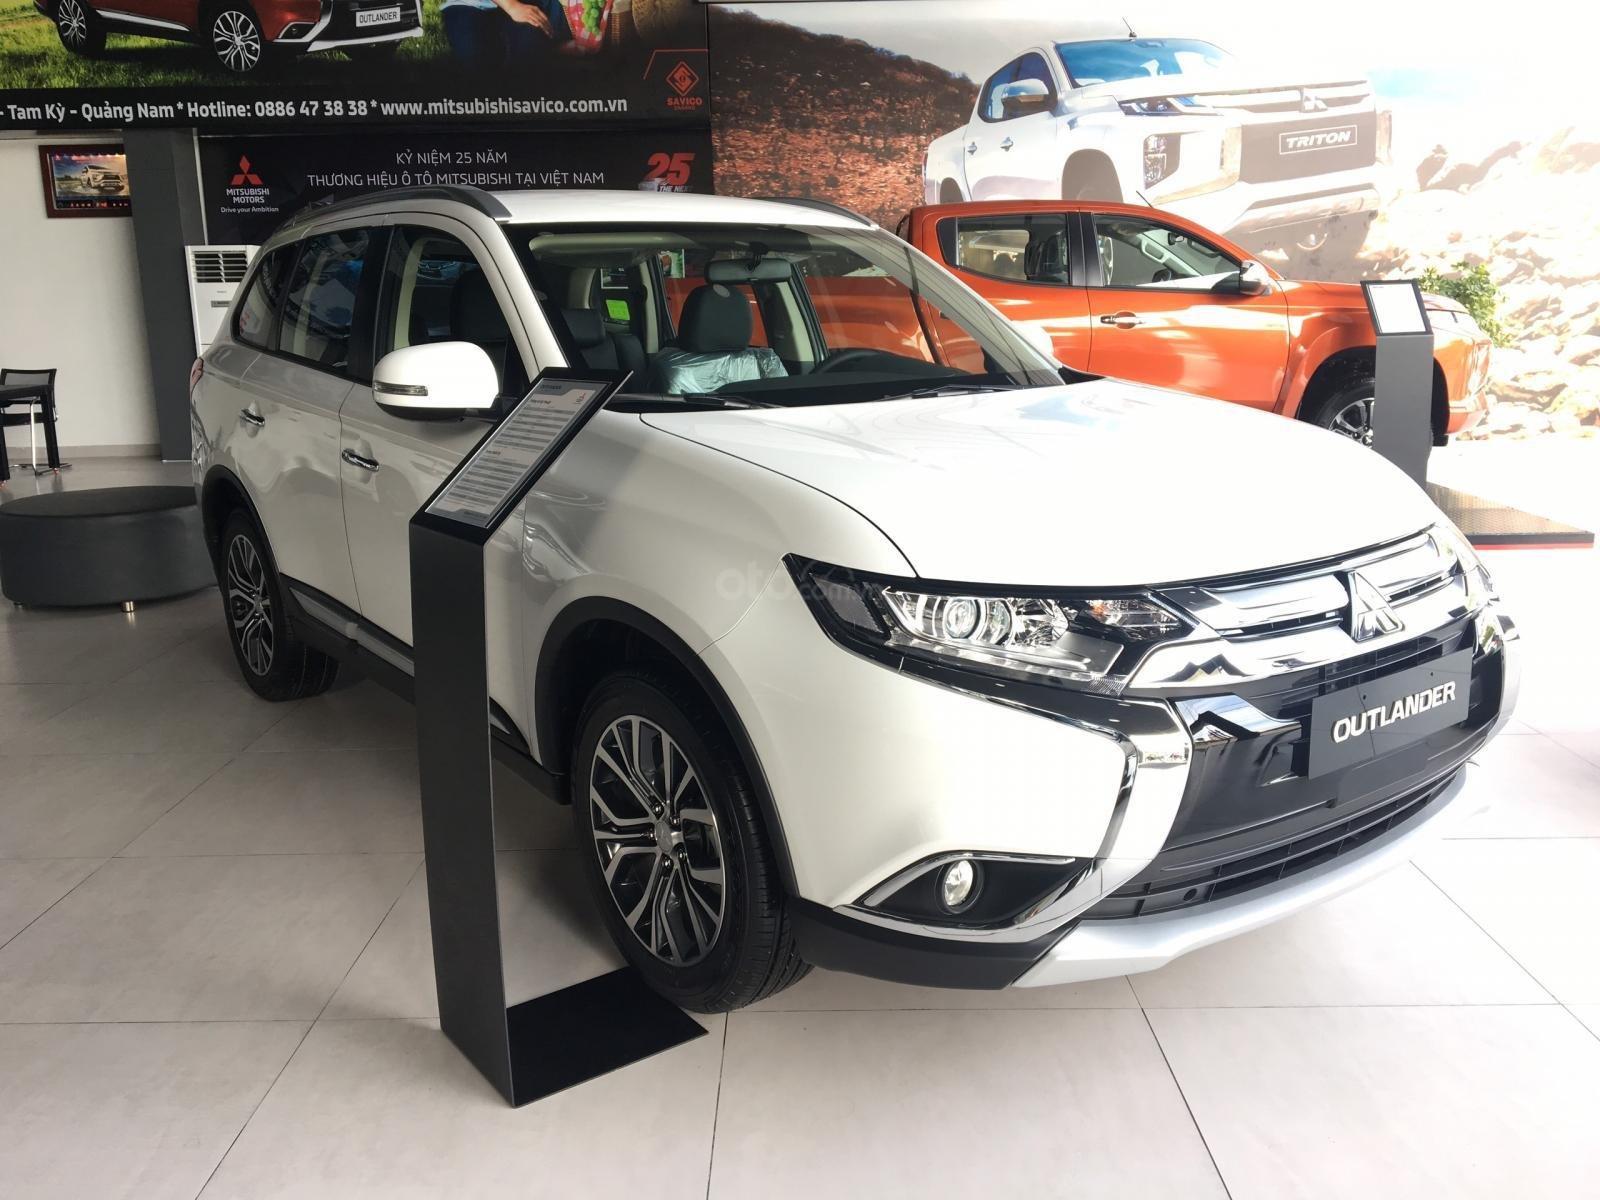 Mitsubishi Outlander - Mitsubishi Quảng Nam - ưu đãi khủng đến 100 triệu (2)